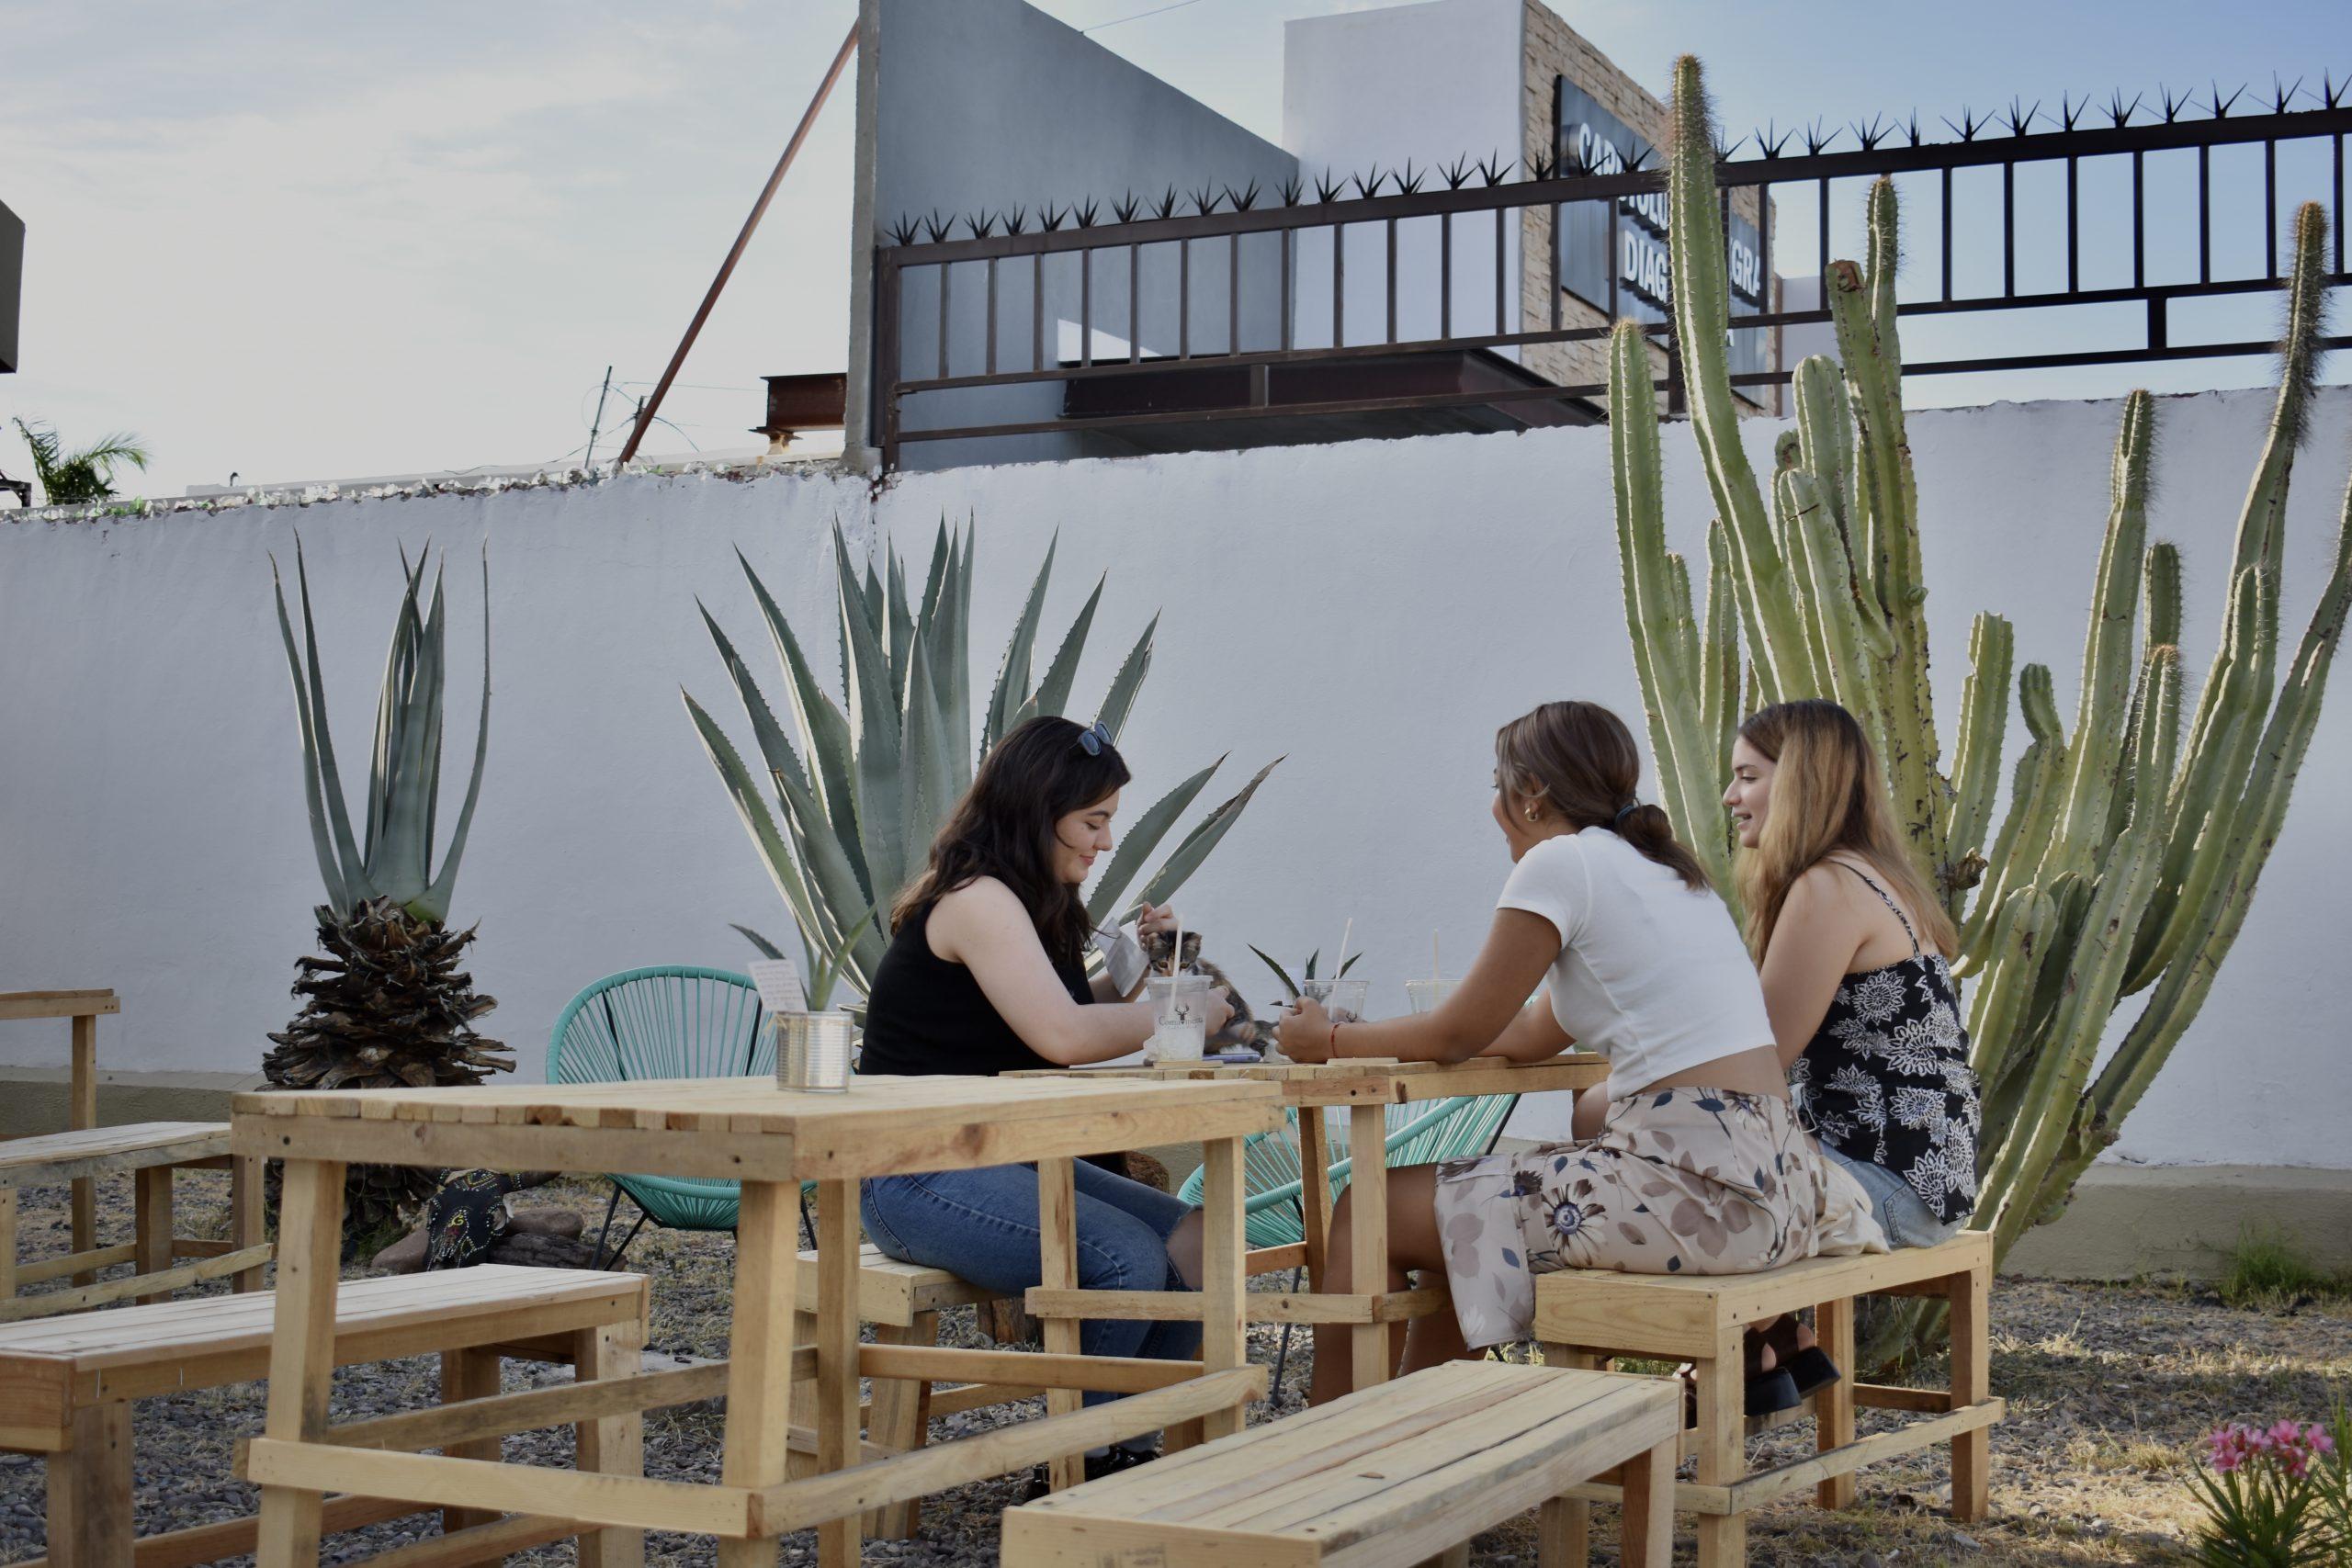 Grupo de amigas disfrutando de una bebida en patio de Cornamenta con un gatito.